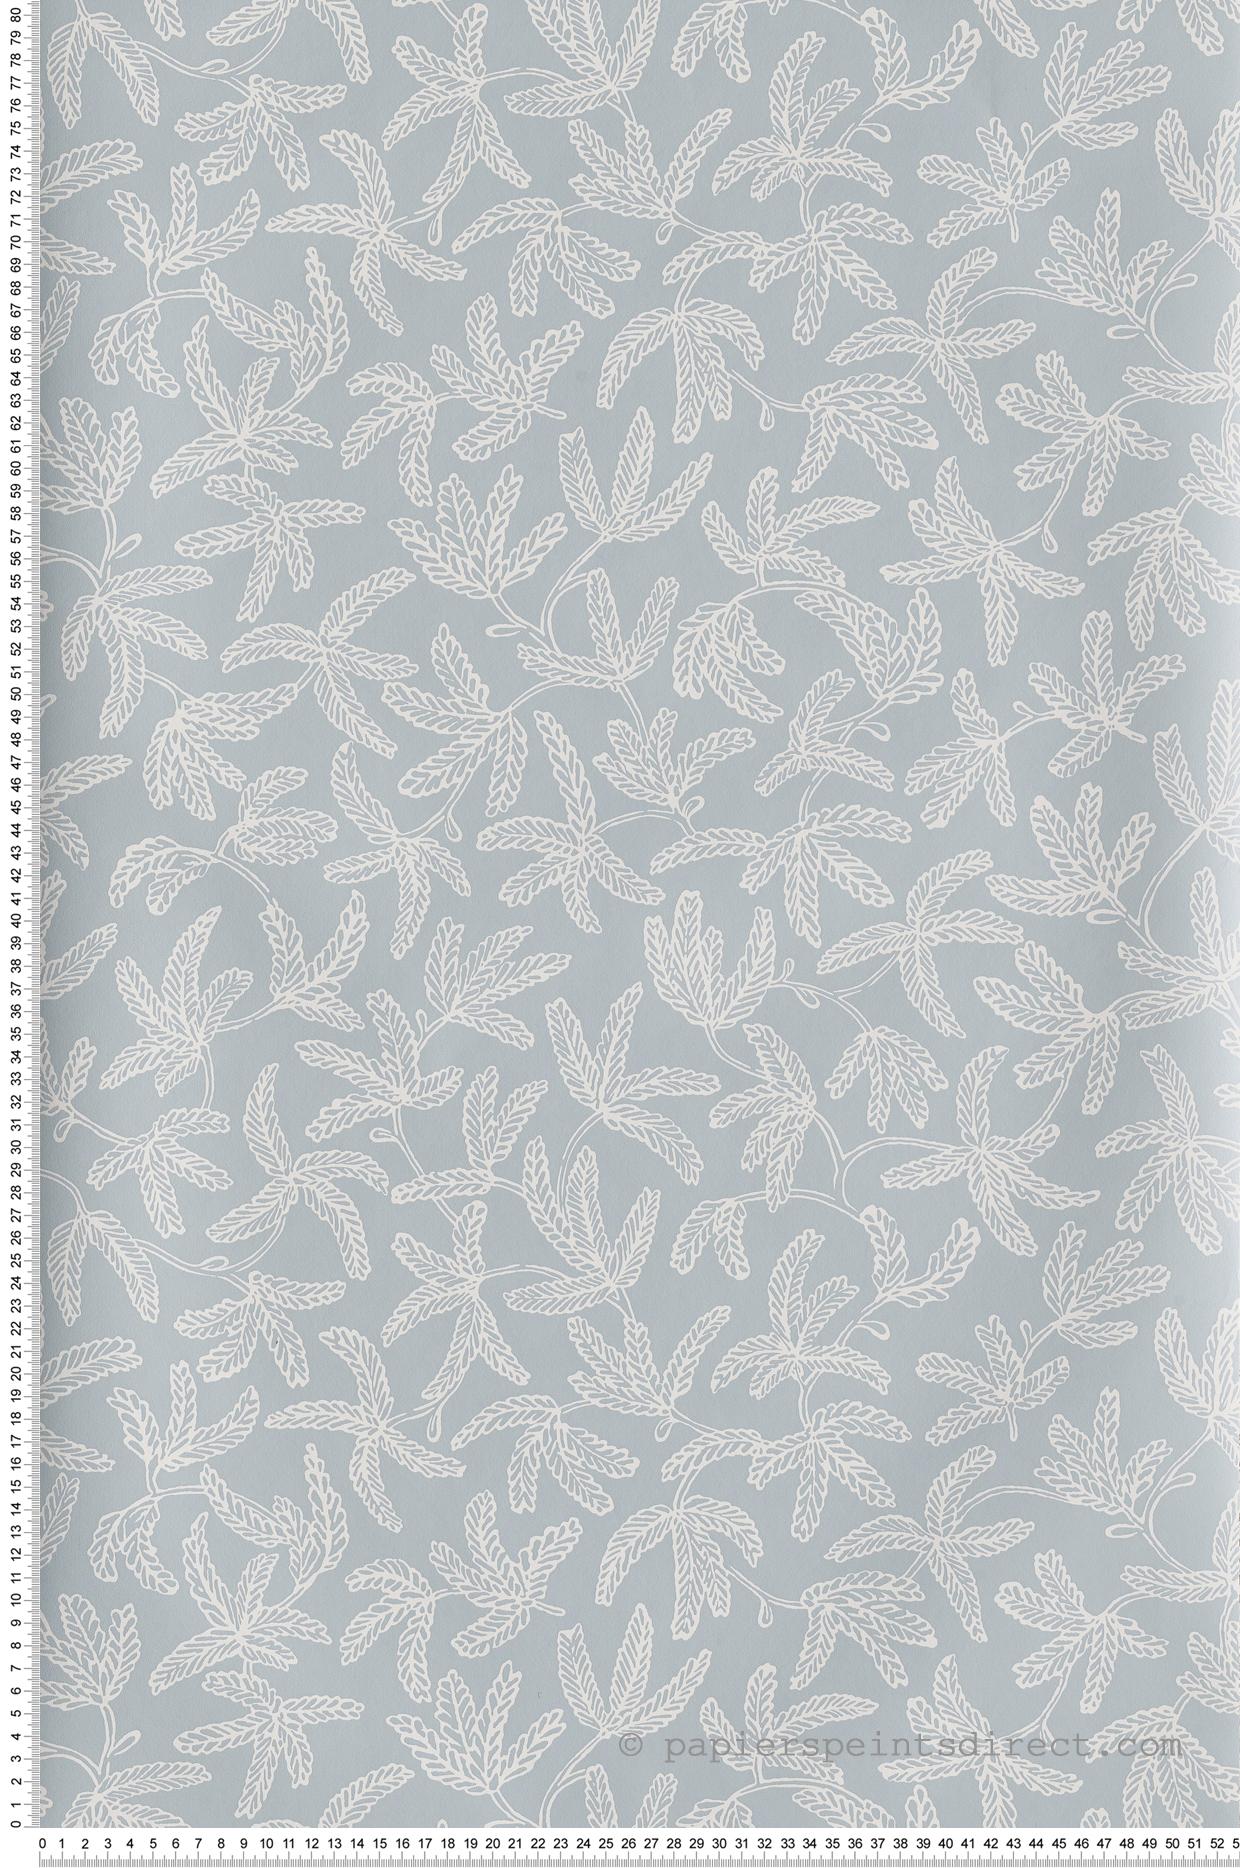 Papier peint feuillage Cocoon bleu ciel - Hygge de Casélio   HYG100577029